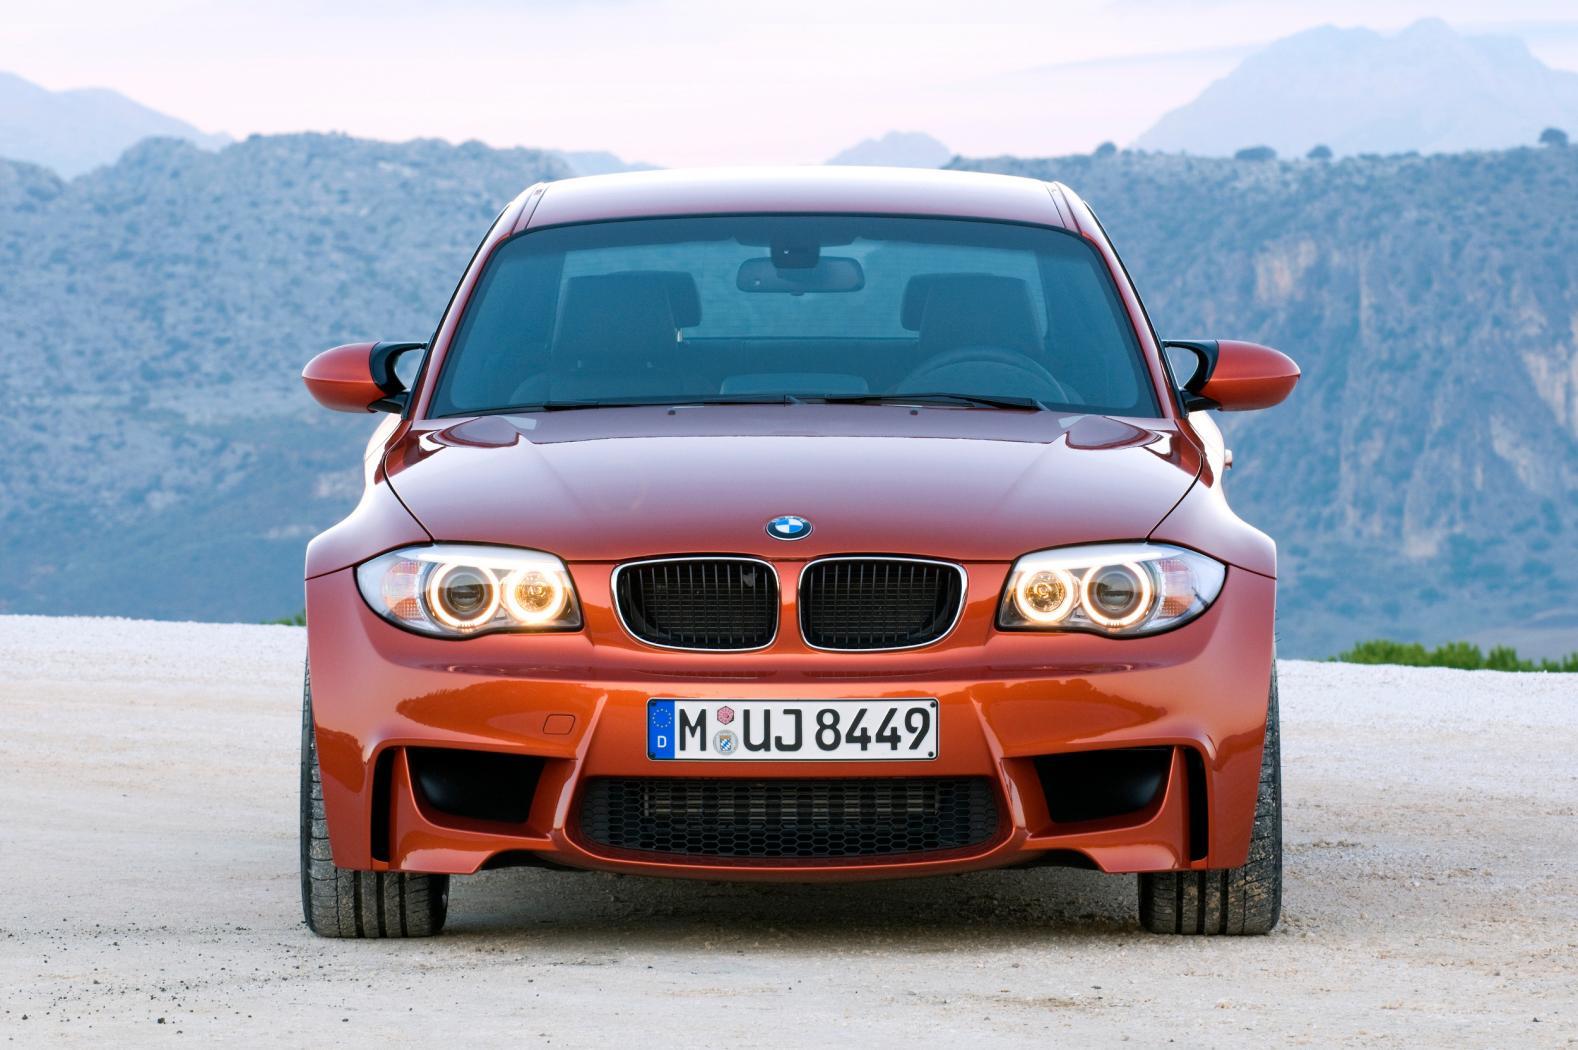 BMW-Serie-1-M-partie-avant.jpeg